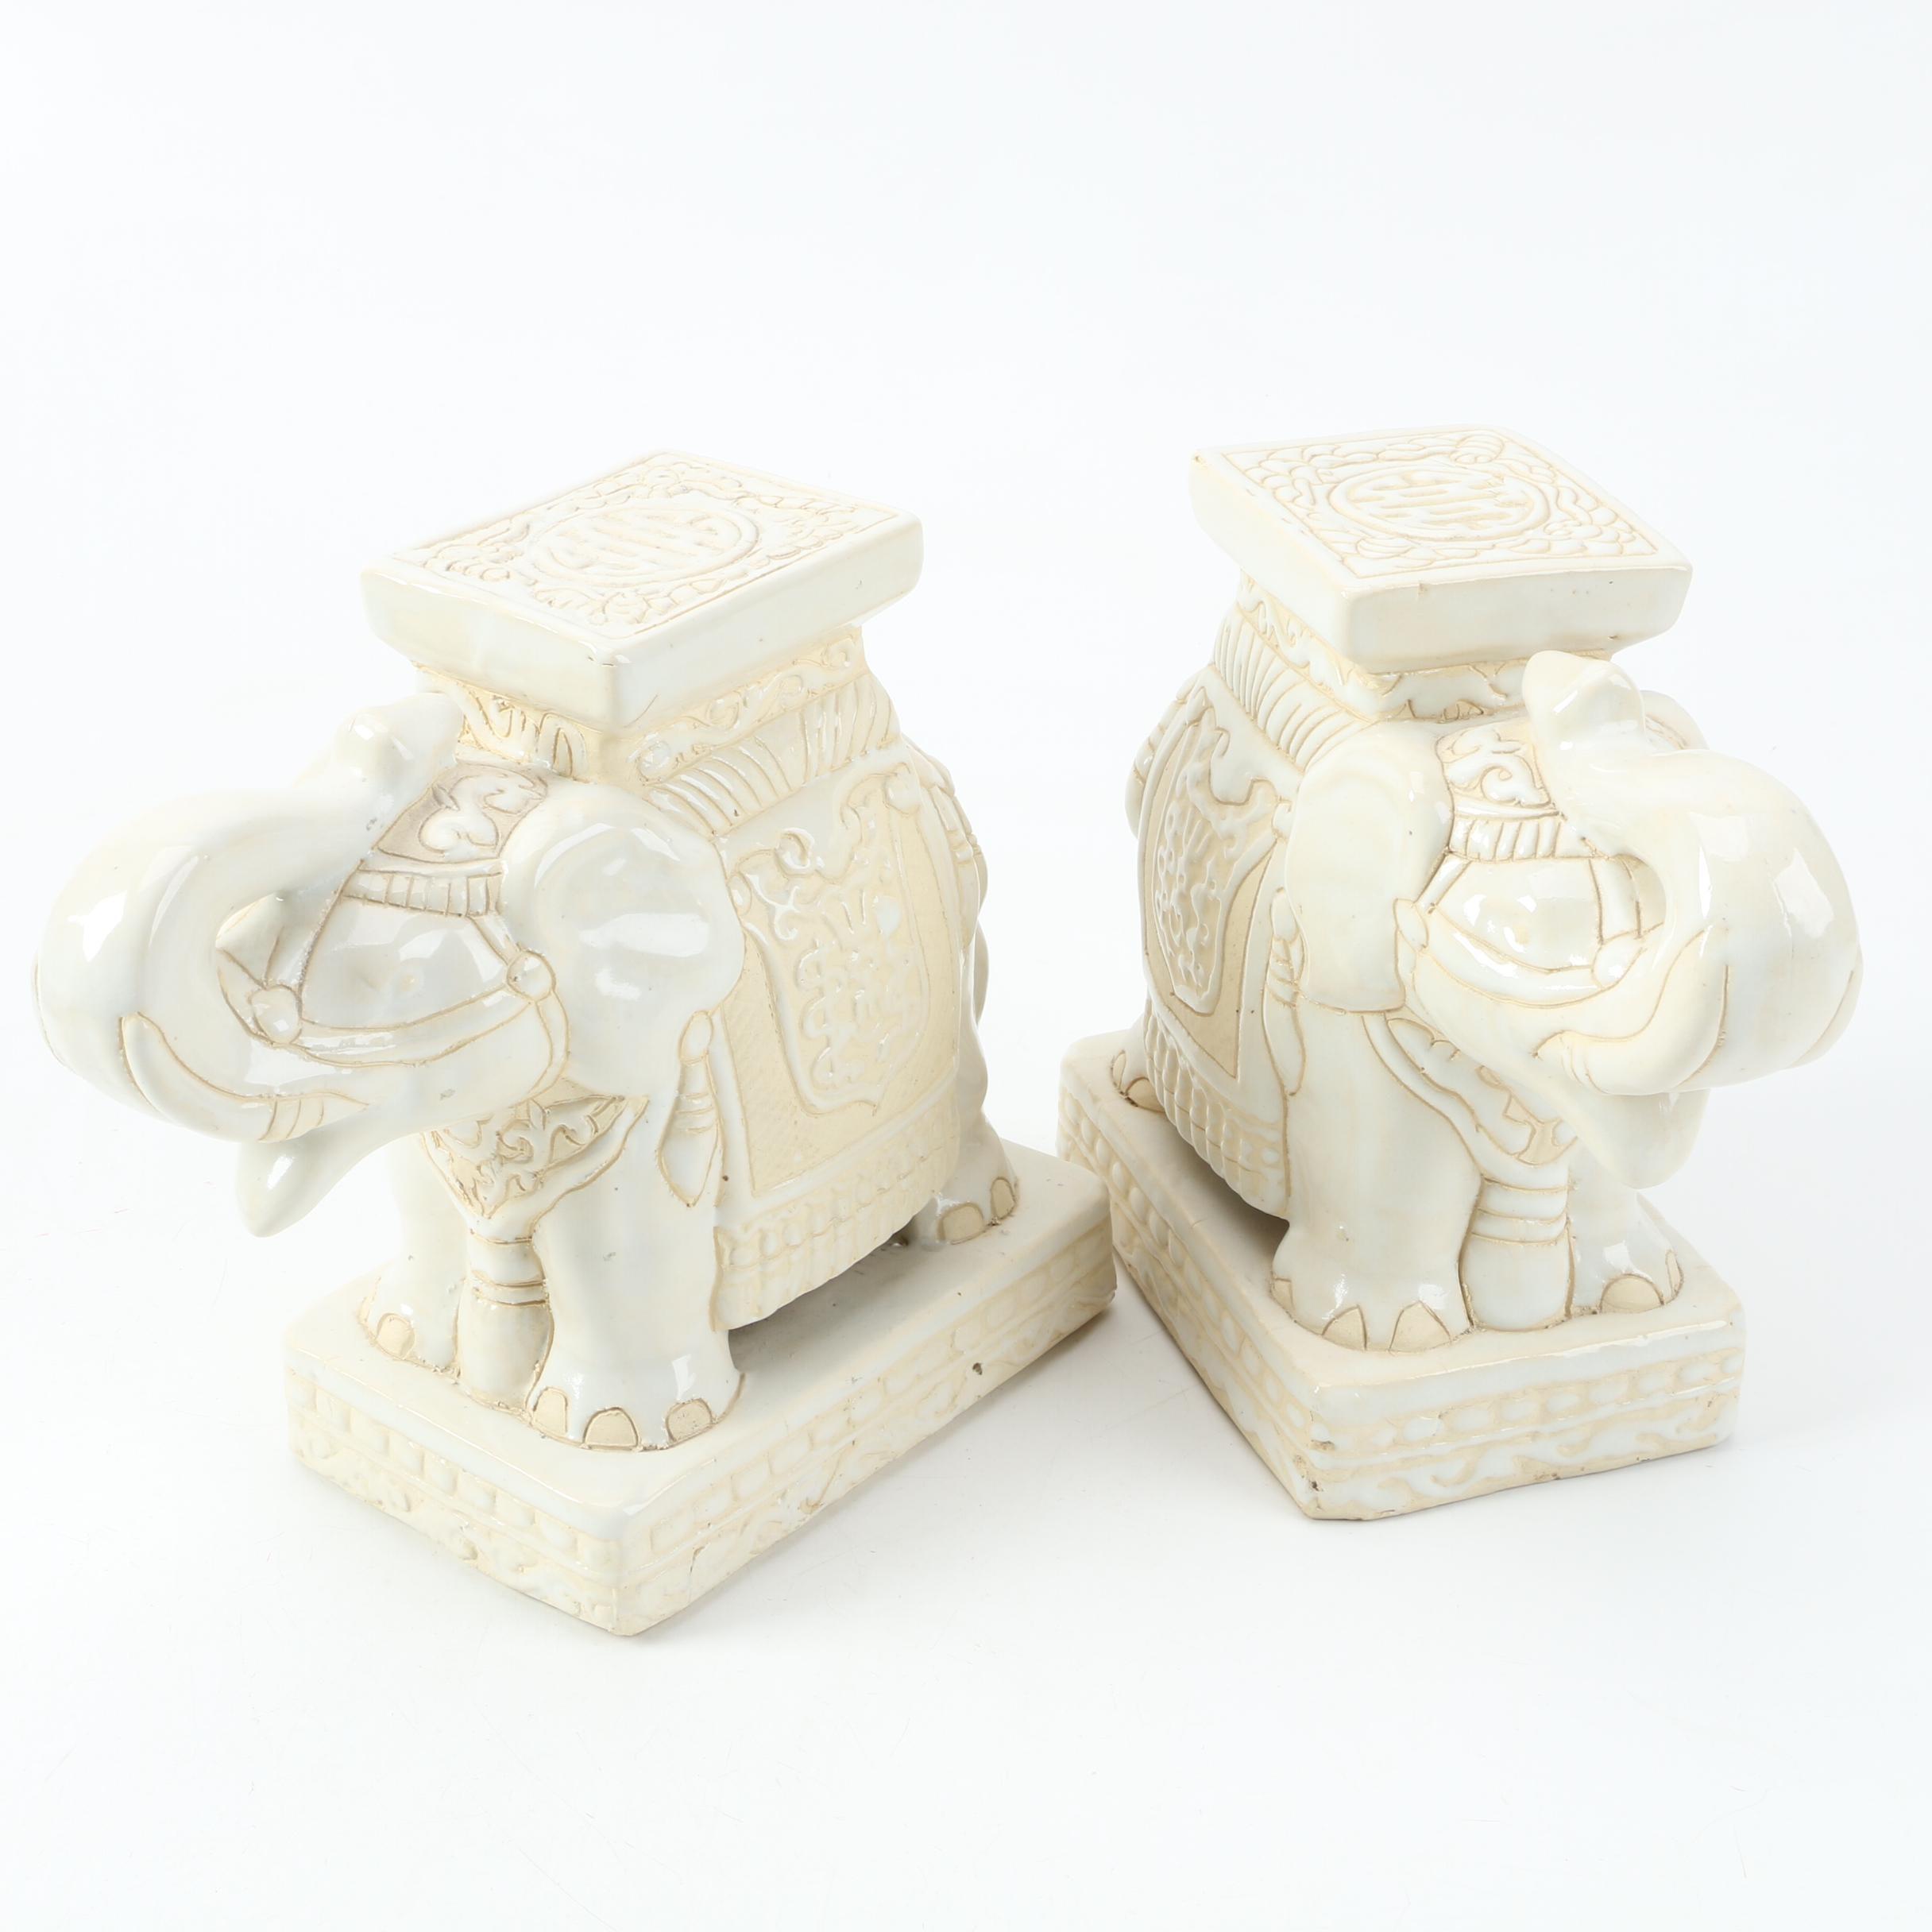 Ceramic Elephant Bookends